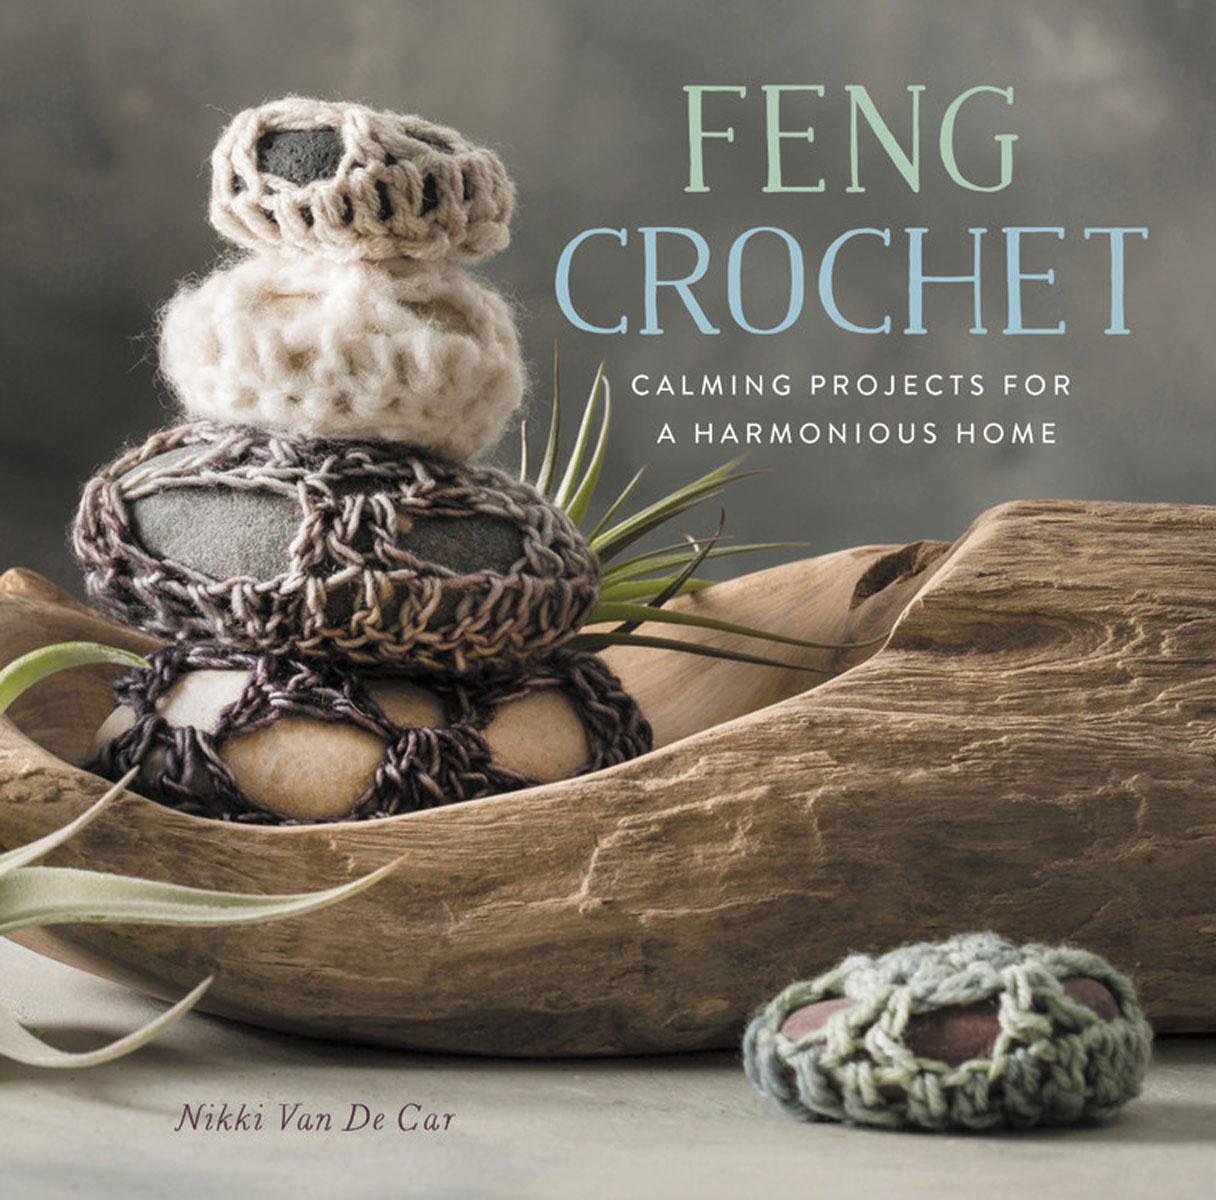 Feng Crochet david sun the spirit of feng shui